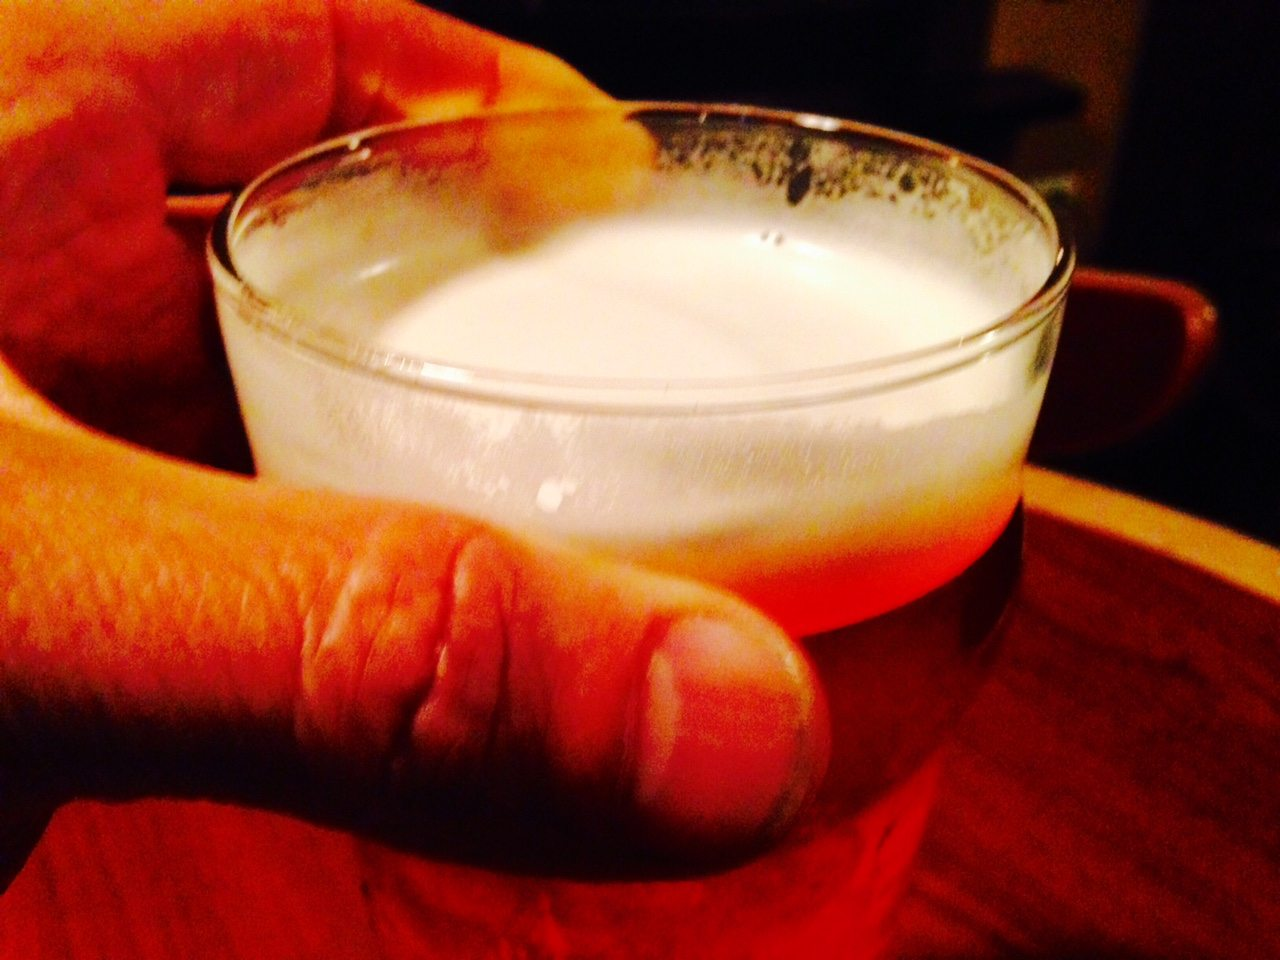 toronto-chefs-restaurants-consumed-bob-blumer-food-network-surreal-gourmet-beer